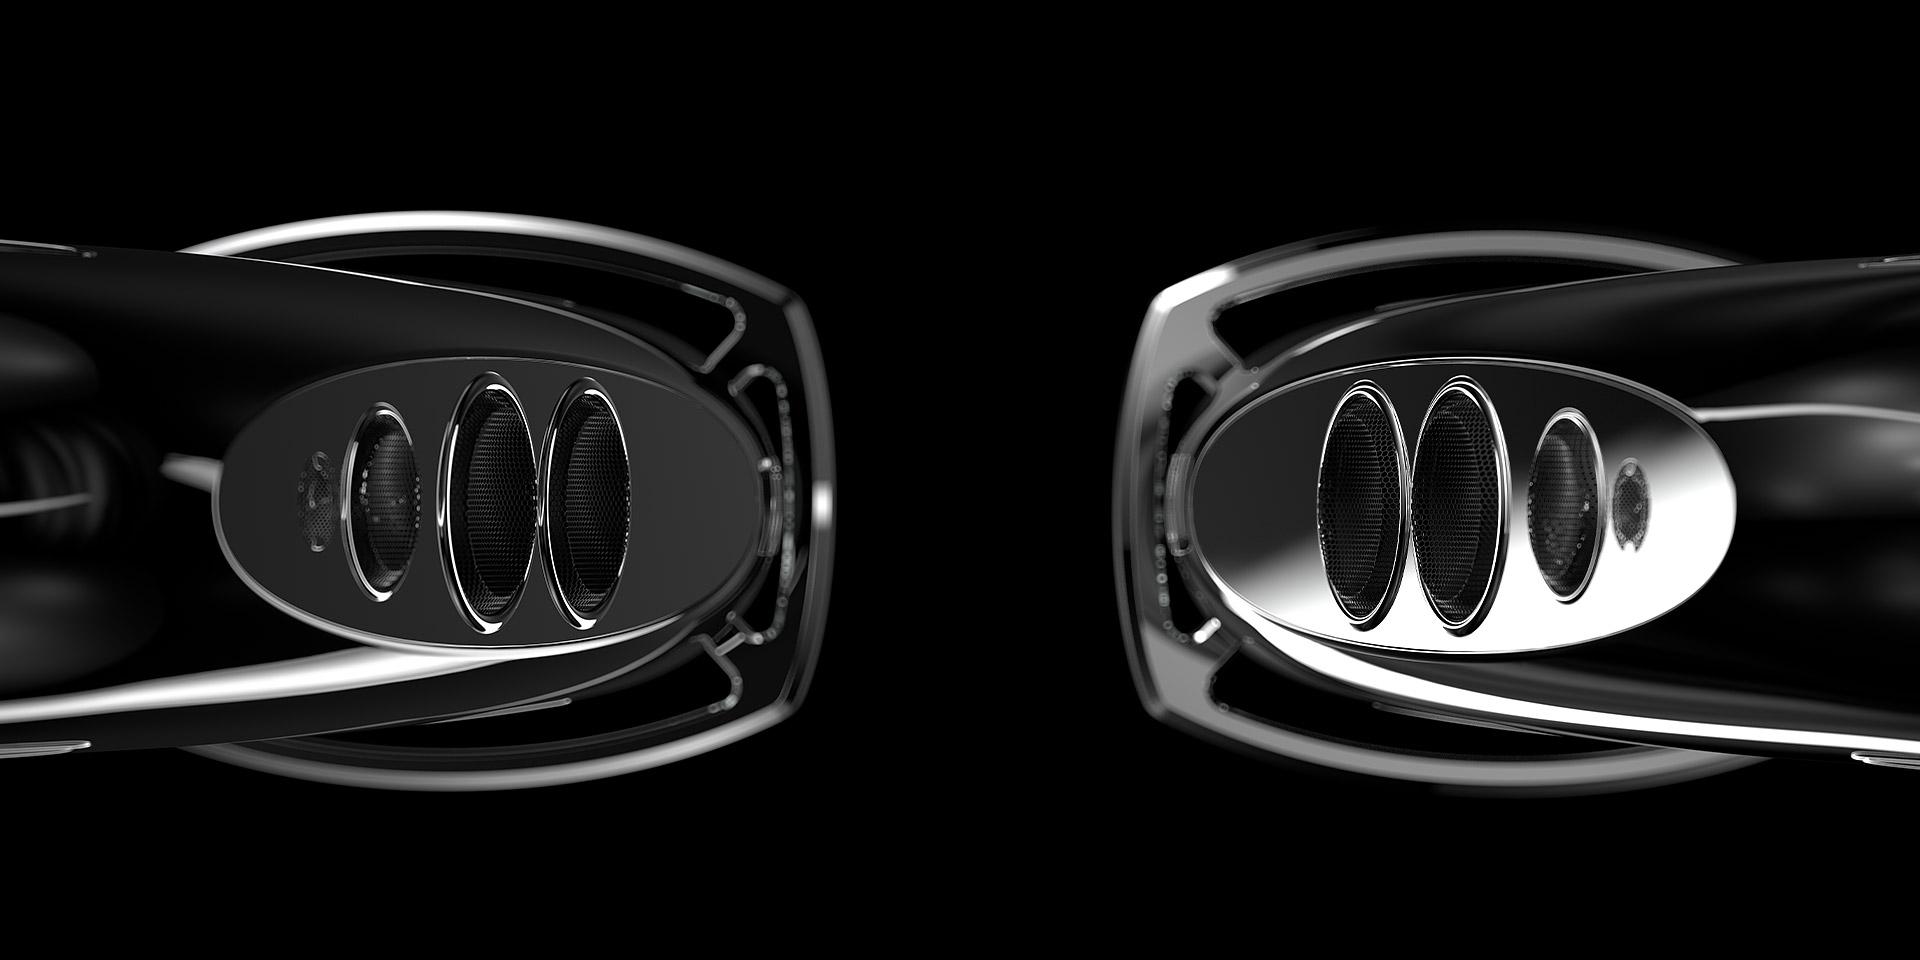 bugatti-speaker-facetoface